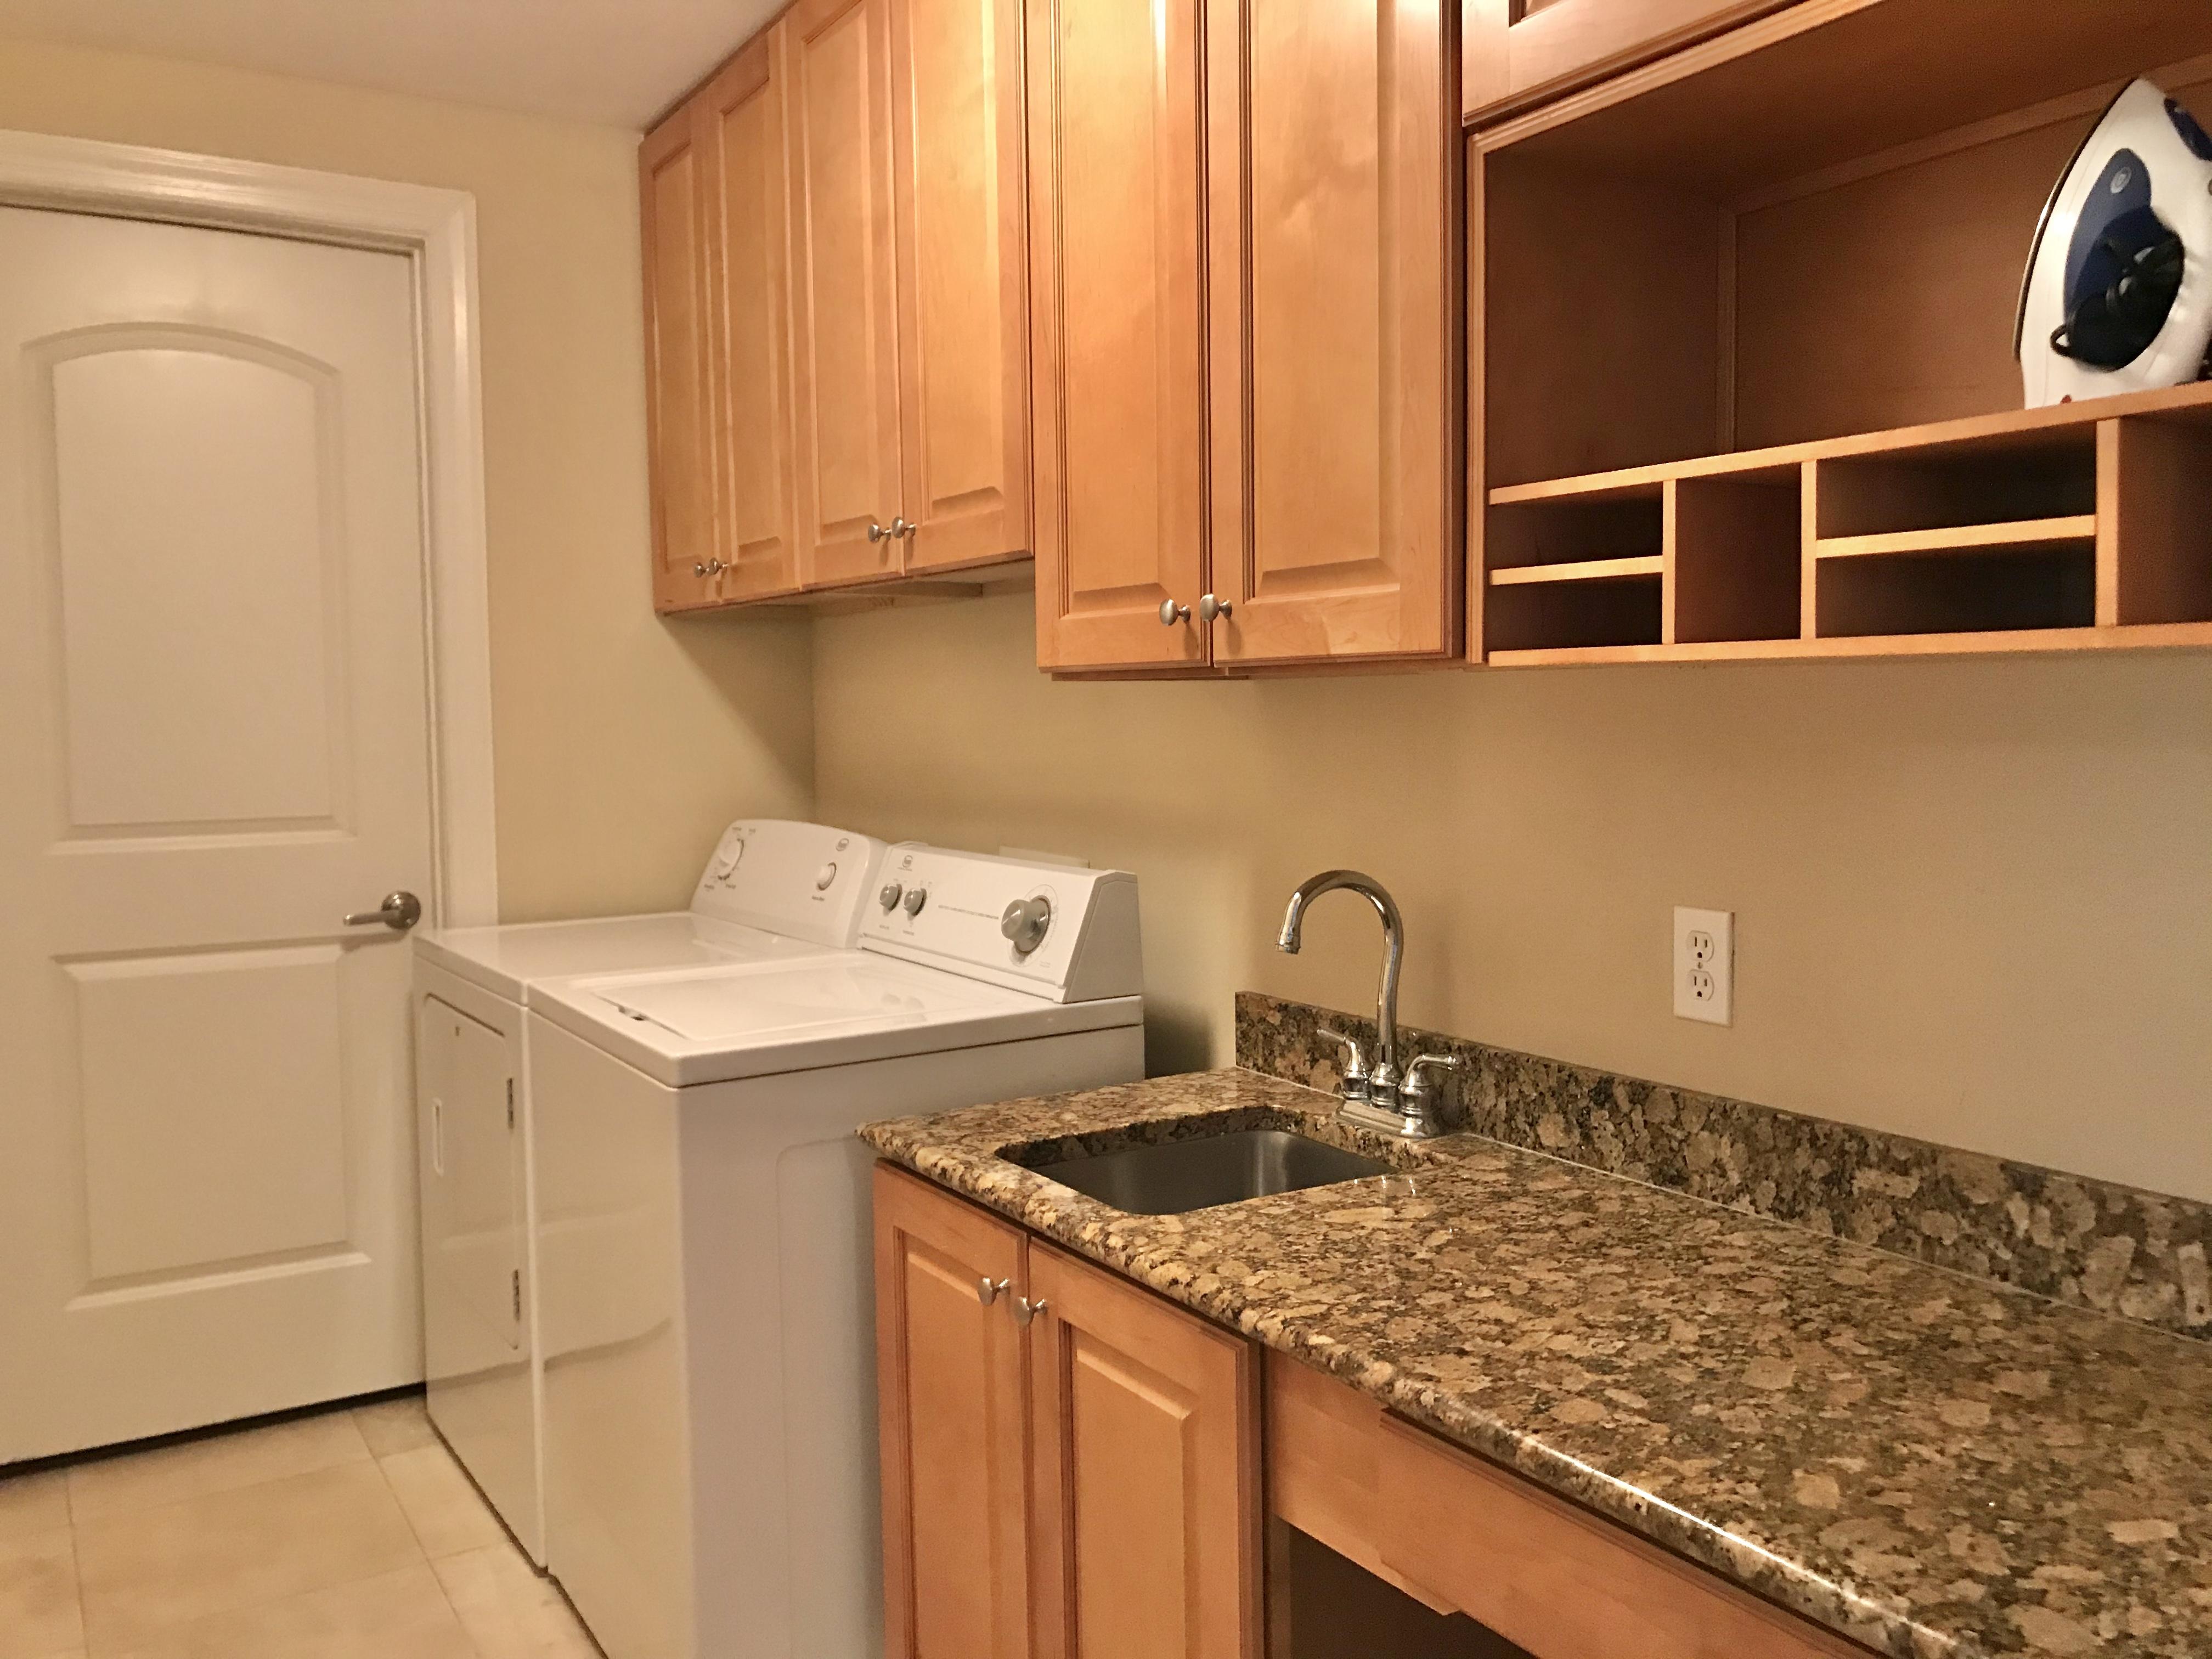 Mustique 401 Condo rental in Mustique in Gulf Shores Alabama - #17